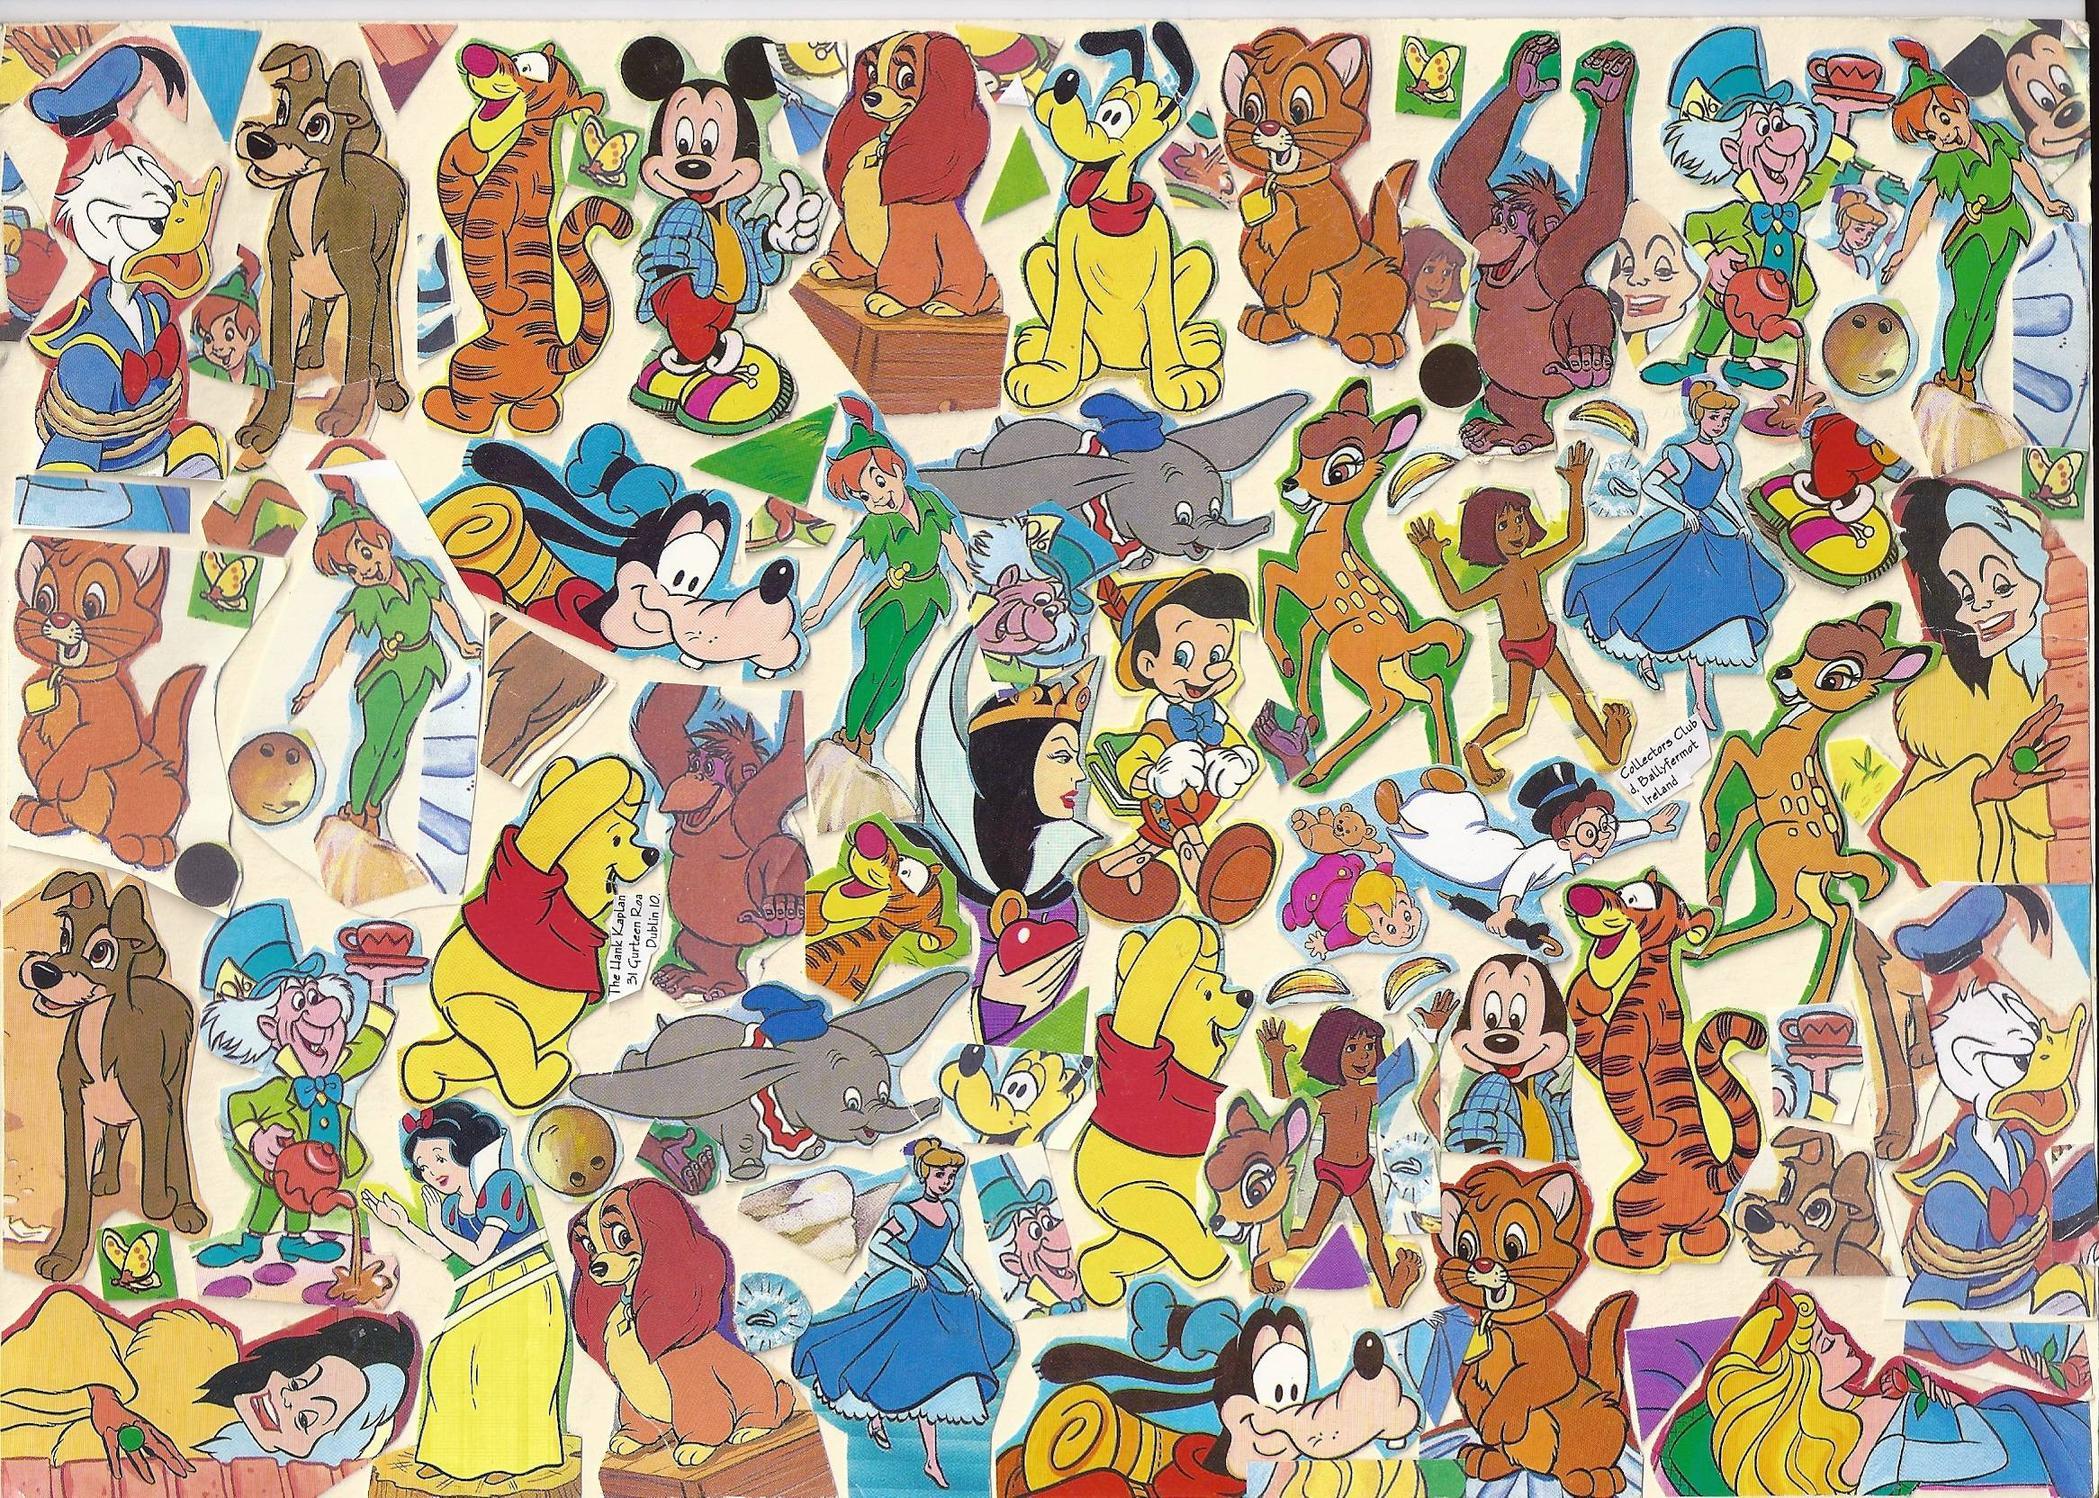 Disney Character Backgrounds Free Download   PixelsTalk.Net